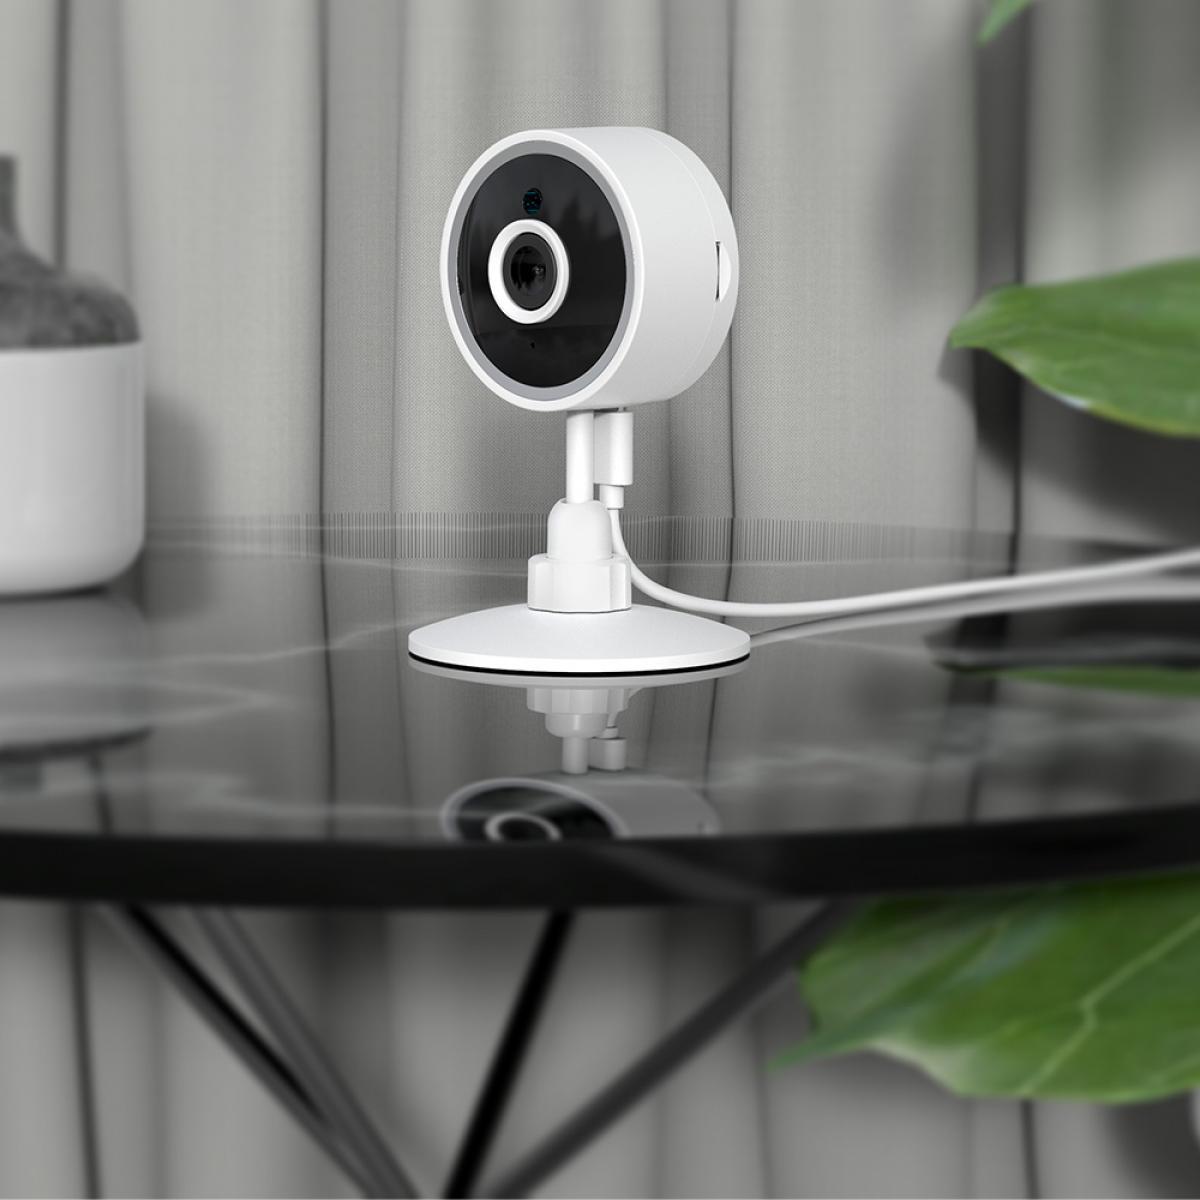 X2 Home Security Camera, 1080P 80 graden WiFi-binnencamera, bewegingsdetectie, cloud- en SD-kaartopslag Werkt met Alexa